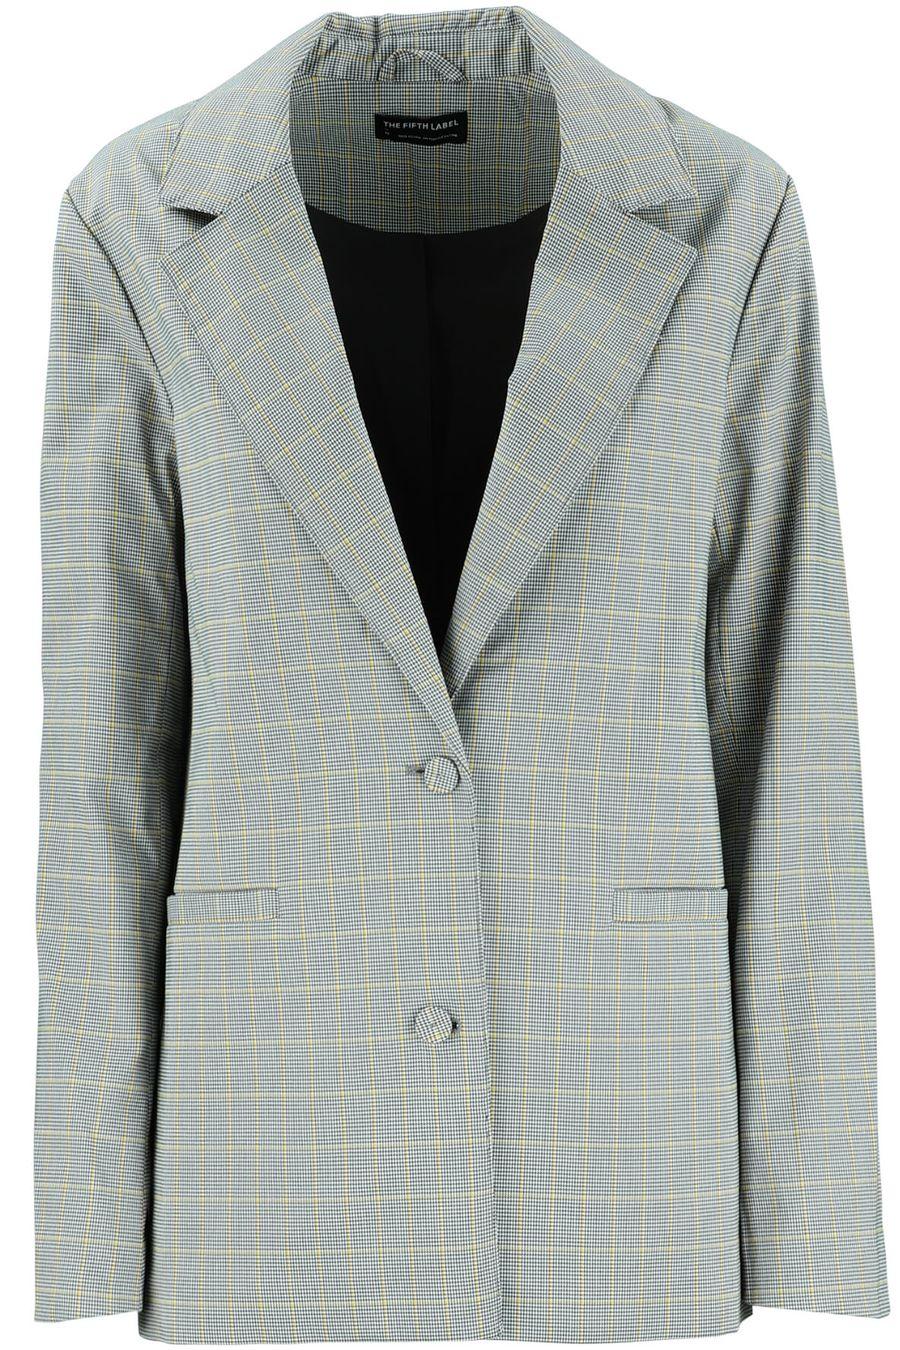 the-fifth-label-picnic-check-blazer-1